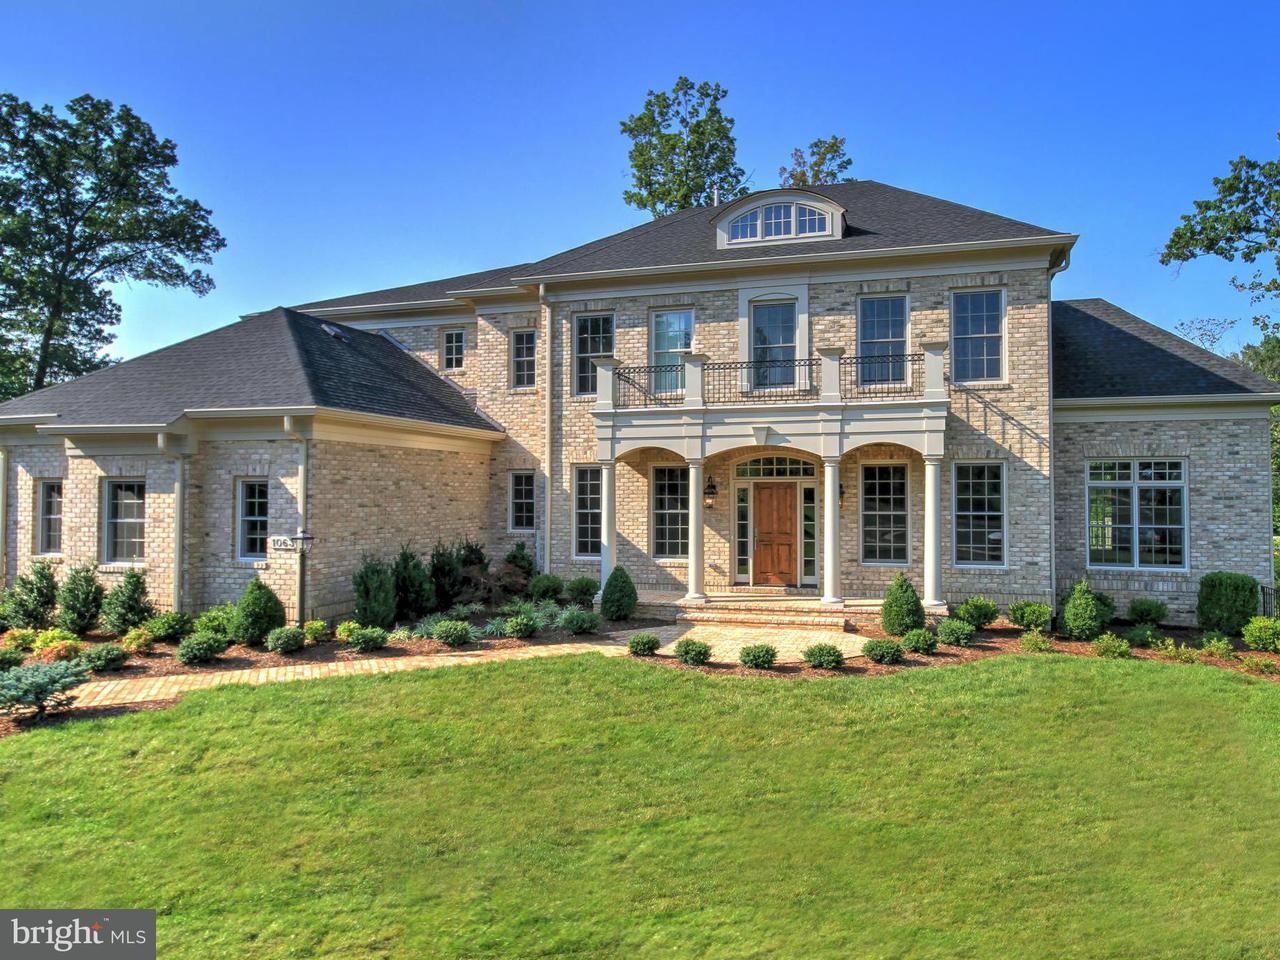 Частный односемейный дом для того Продажа на HARLEY Road HARLEY Road Lorton, Виргиния 22079 Соединенные Штаты